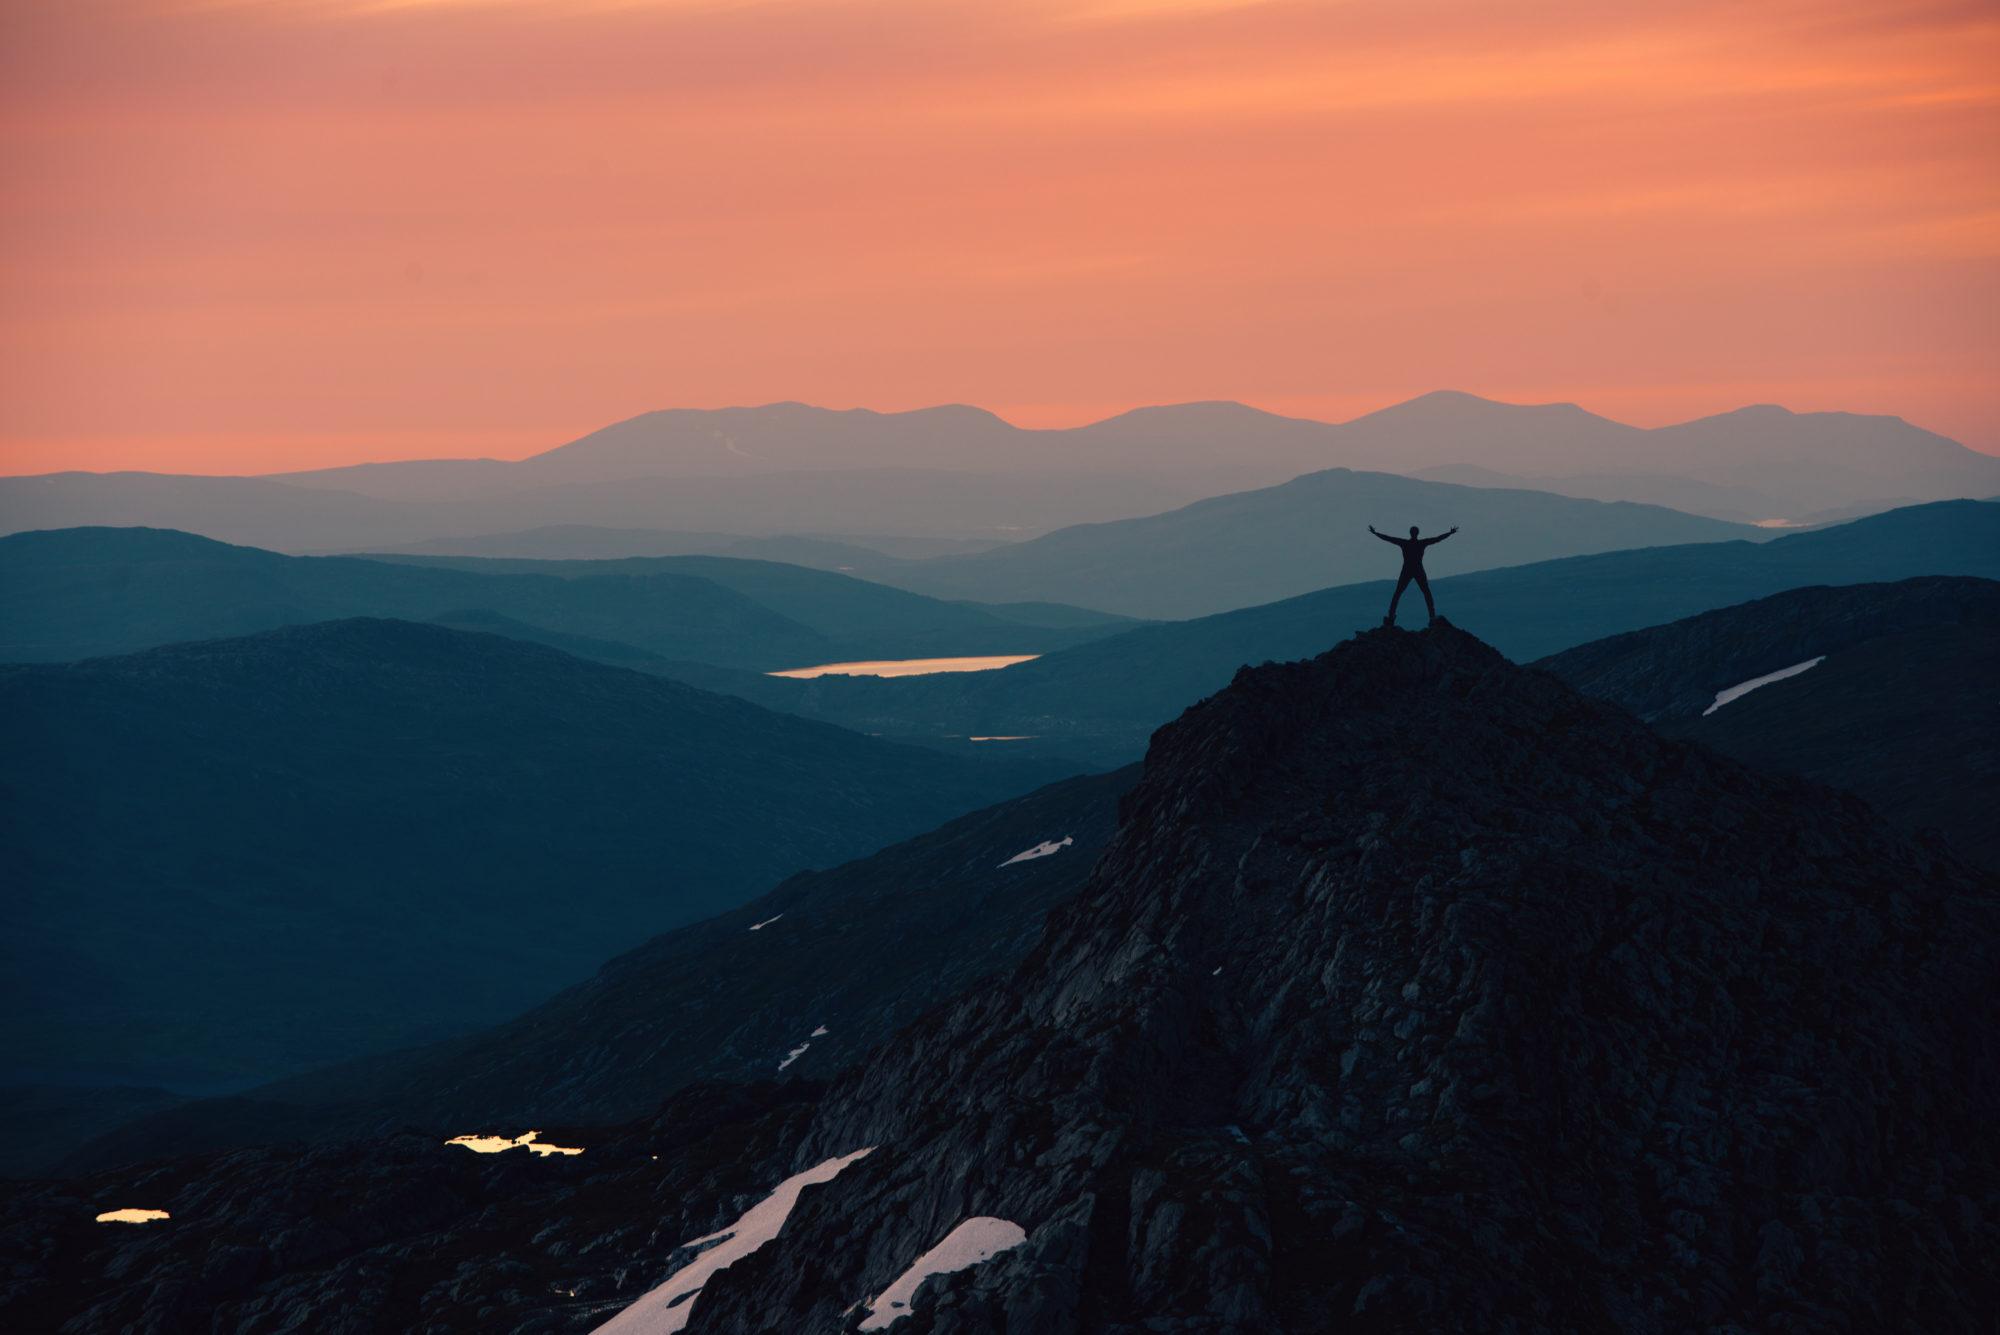 Kveldsutsikt i Børgefjell nasjonalpark. Foto: Bernartwood / trondelag.com